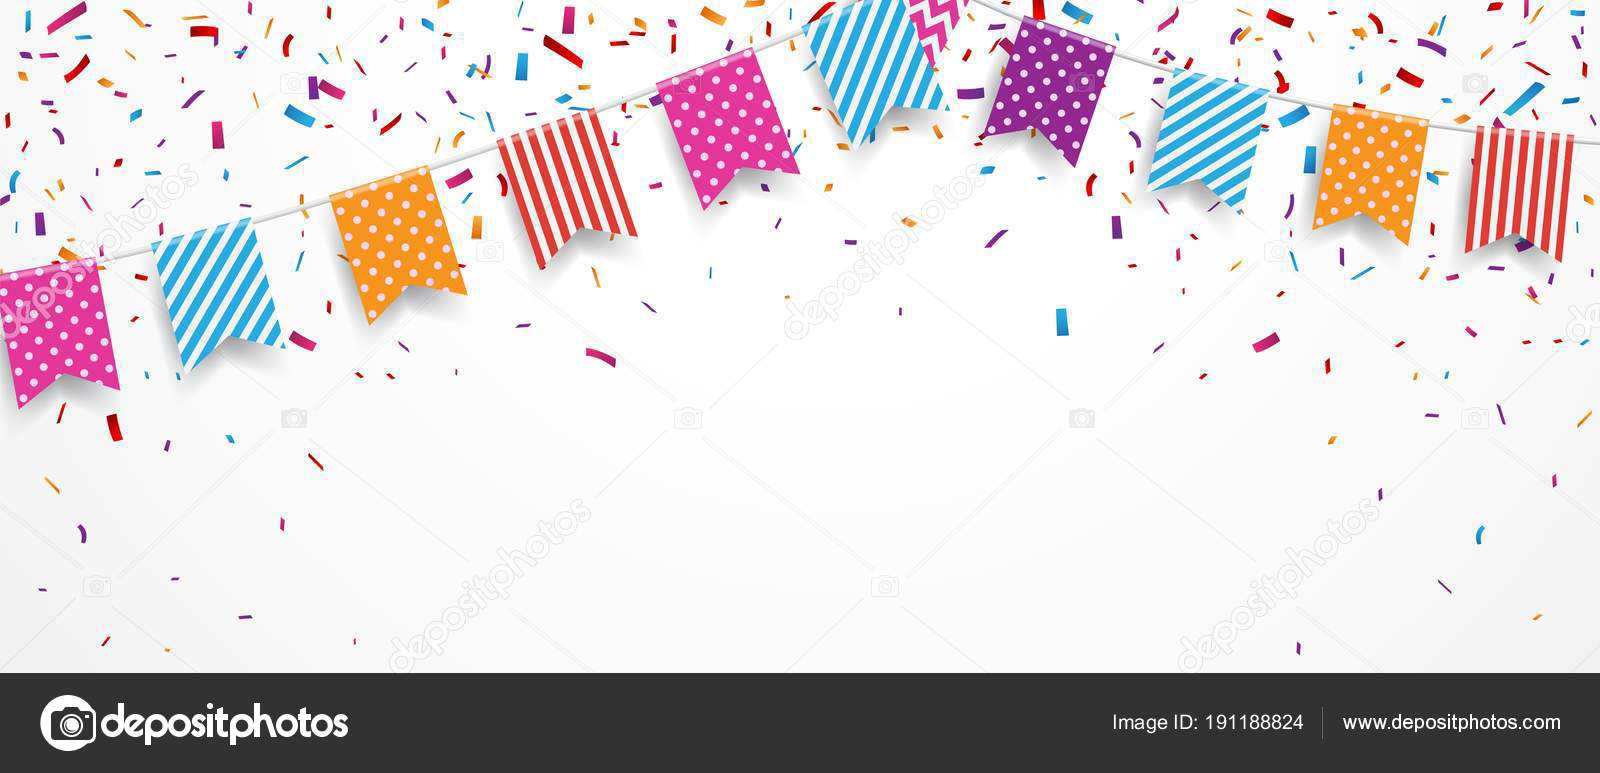 Fondo Marcos Cumpleaños Png Ilustración Vector Colorido Fondo